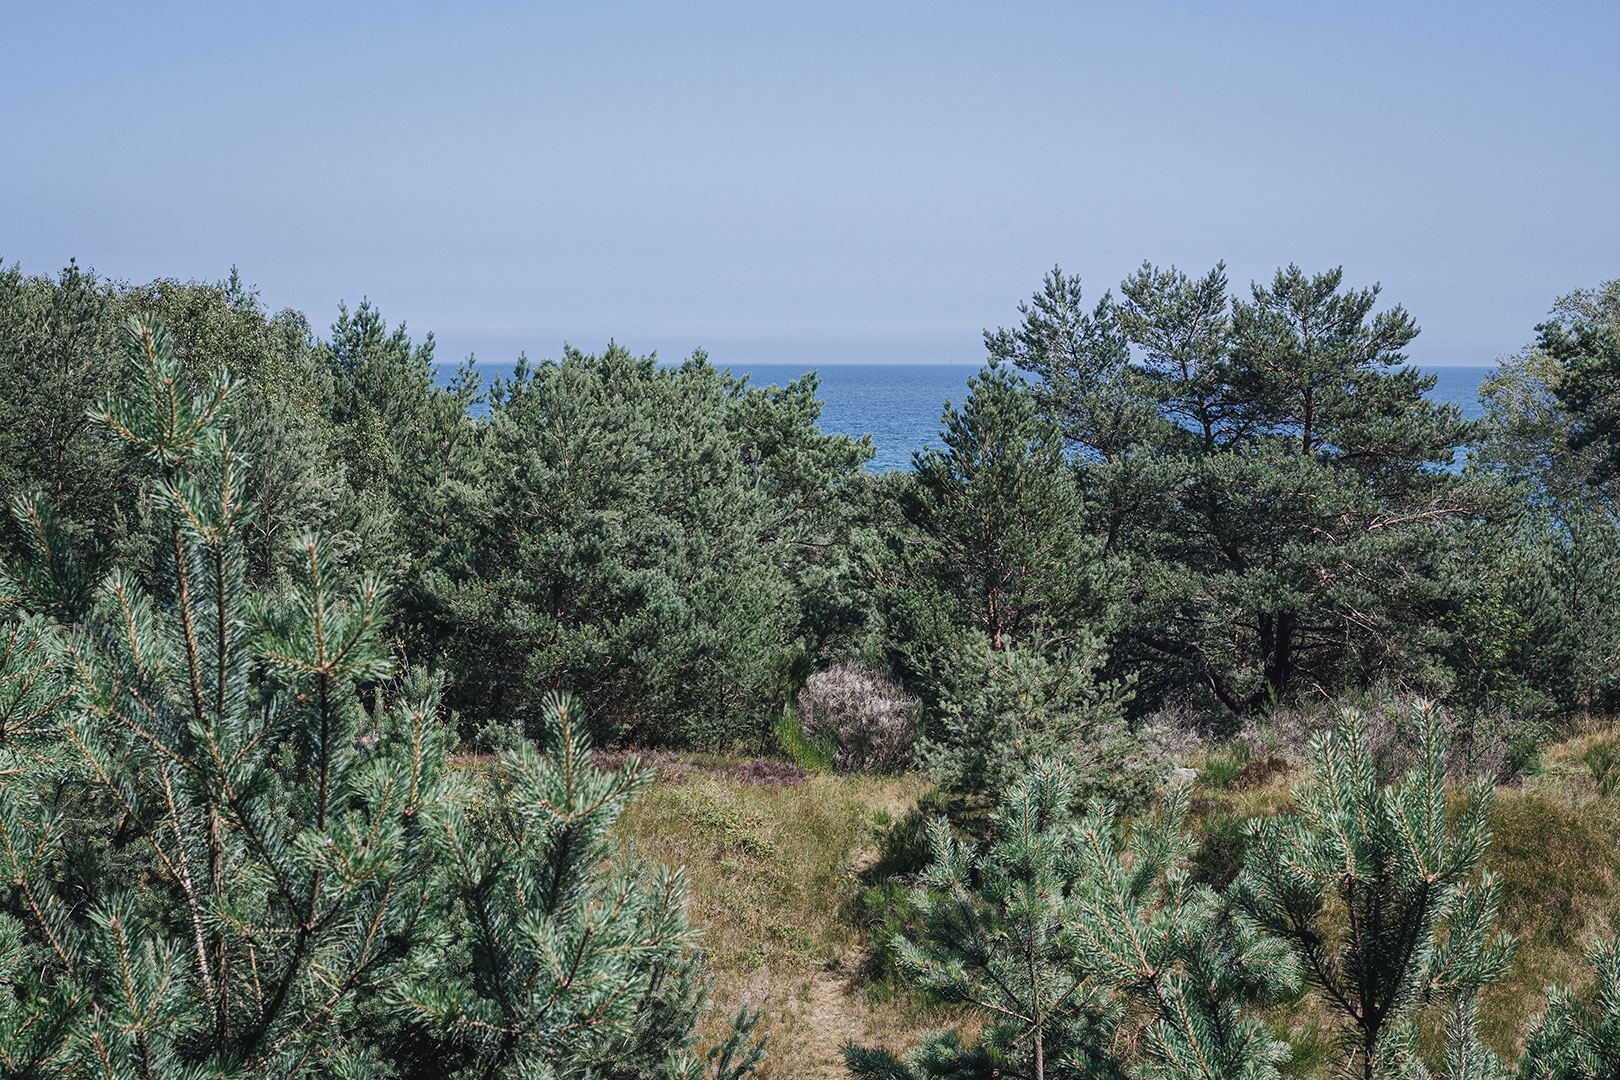 Ausblick aufs Meer aus der Ruine Prora